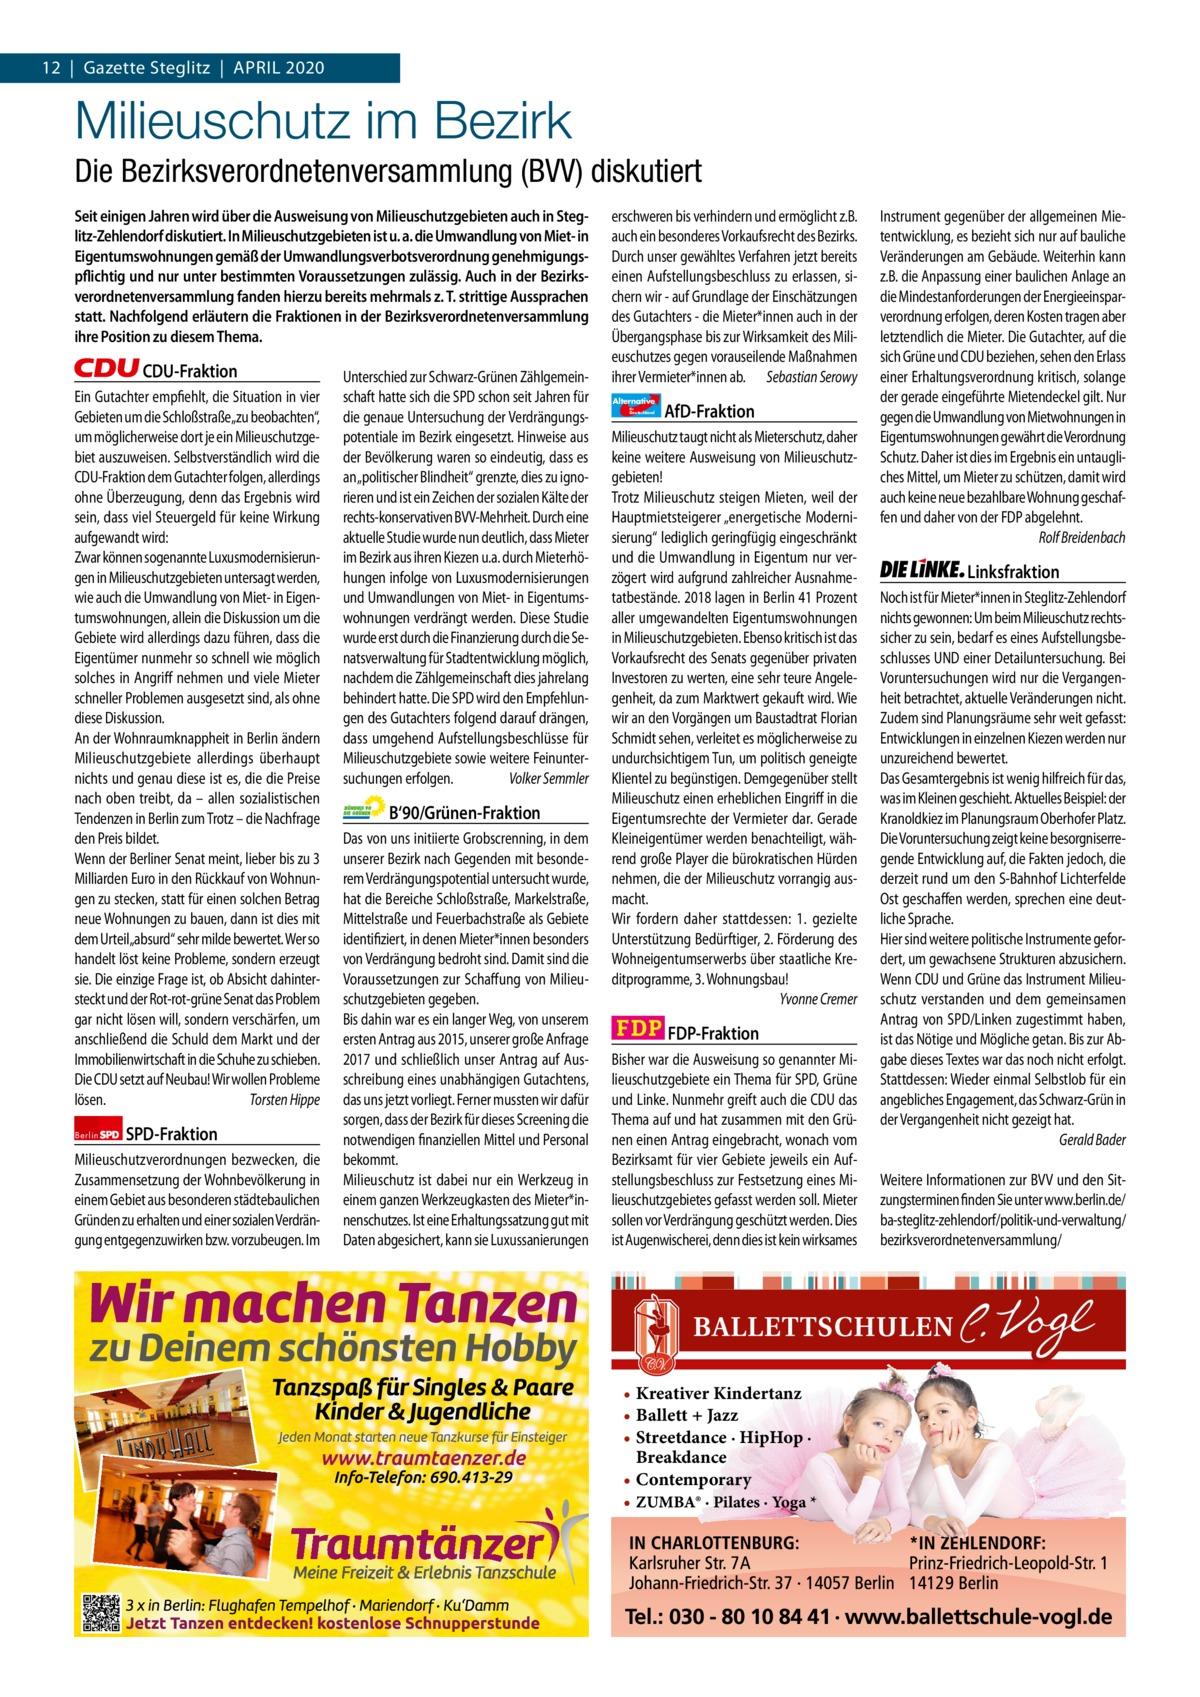 """1   Gazette Zehlendorf 12 Gazette Steglitz April   April2020 2020  Milieuschutz im Bezirk Die Bezirksverordnetenversammlung (BVV) diskutiert Seit einigen Jahren wird über die Ausweisung von Milieuschutzgebieten auch in Steglitz-Zehlendorf diskutiert. In Milieuschutzgebieten ist u. a. die Umwandlung von Miet- in Eigentumswohnungen gemäß der Umwandlungsverbotsverordnung genehmigungspflichtig und nur unter bestimmten Voraussetzungen zulässig. Auch in der Bezirksverordnetenversammlung fanden hierzu bereits mehrmals z. T. strittige Aussprachen statt. Nachfolgend erläutern die Fraktionen in der Bezirksverordnetenversammlung ihre Position zu diesem Thema.  CDU-Fraktion Ein Gutachter empfiehlt, die Situation in vier Gebieten um die Schloßstraße""""zu beobachten"""", um möglicherweise dort je ein Milieuschutzgebiet auszuweisen. Selbstverständlich wird die CDU-Fraktion dem Gutachter folgen, allerdings ohne Überzeugung, denn das Ergebnis wird sein, dass viel Steuergeld für keine Wirkung aufgewandt wird: Zwar können sogenannte Luxusmodernisierungen in Milieuschutzgebieten untersagt werden, wie auch die Umwandlung von Miet- in Eigentumswohnungen, allein die Diskussion um die Gebiete wird allerdings dazu führen, dass die Eigentümer nunmehr so schnell wie möglich solches in Angriff nehmen und viele Mieter schneller Problemen ausgesetzt sind, als ohne diese Diskussion. An der Wohnraumknappheit in Berlin ändern Milieuschutzgebiete allerdings überhaupt nichts und genau diese ist es, die die Preise nach oben treibt, da – allen sozialistischen Tendenzen in Berlin zum Trotz – die Nachfrage den Preis bildet. Wenn der Berliner Senat meint, lieber bis zu 3 Milliarden Euro in den Rückkauf von Wohnungen zu stecken, statt für einen solchen Betrag neue Wohnungen zu bauen, dann ist dies mit dem Urteil""""absurd"""" sehr milde bewertet. Wer so handelt löst keine Probleme, sondern erzeugt sie. Die einzige Frage ist, ob Absicht dahintersteckt und der Rot-rot-grüne Senat das Problem gar nicht lösen will, sonde"""